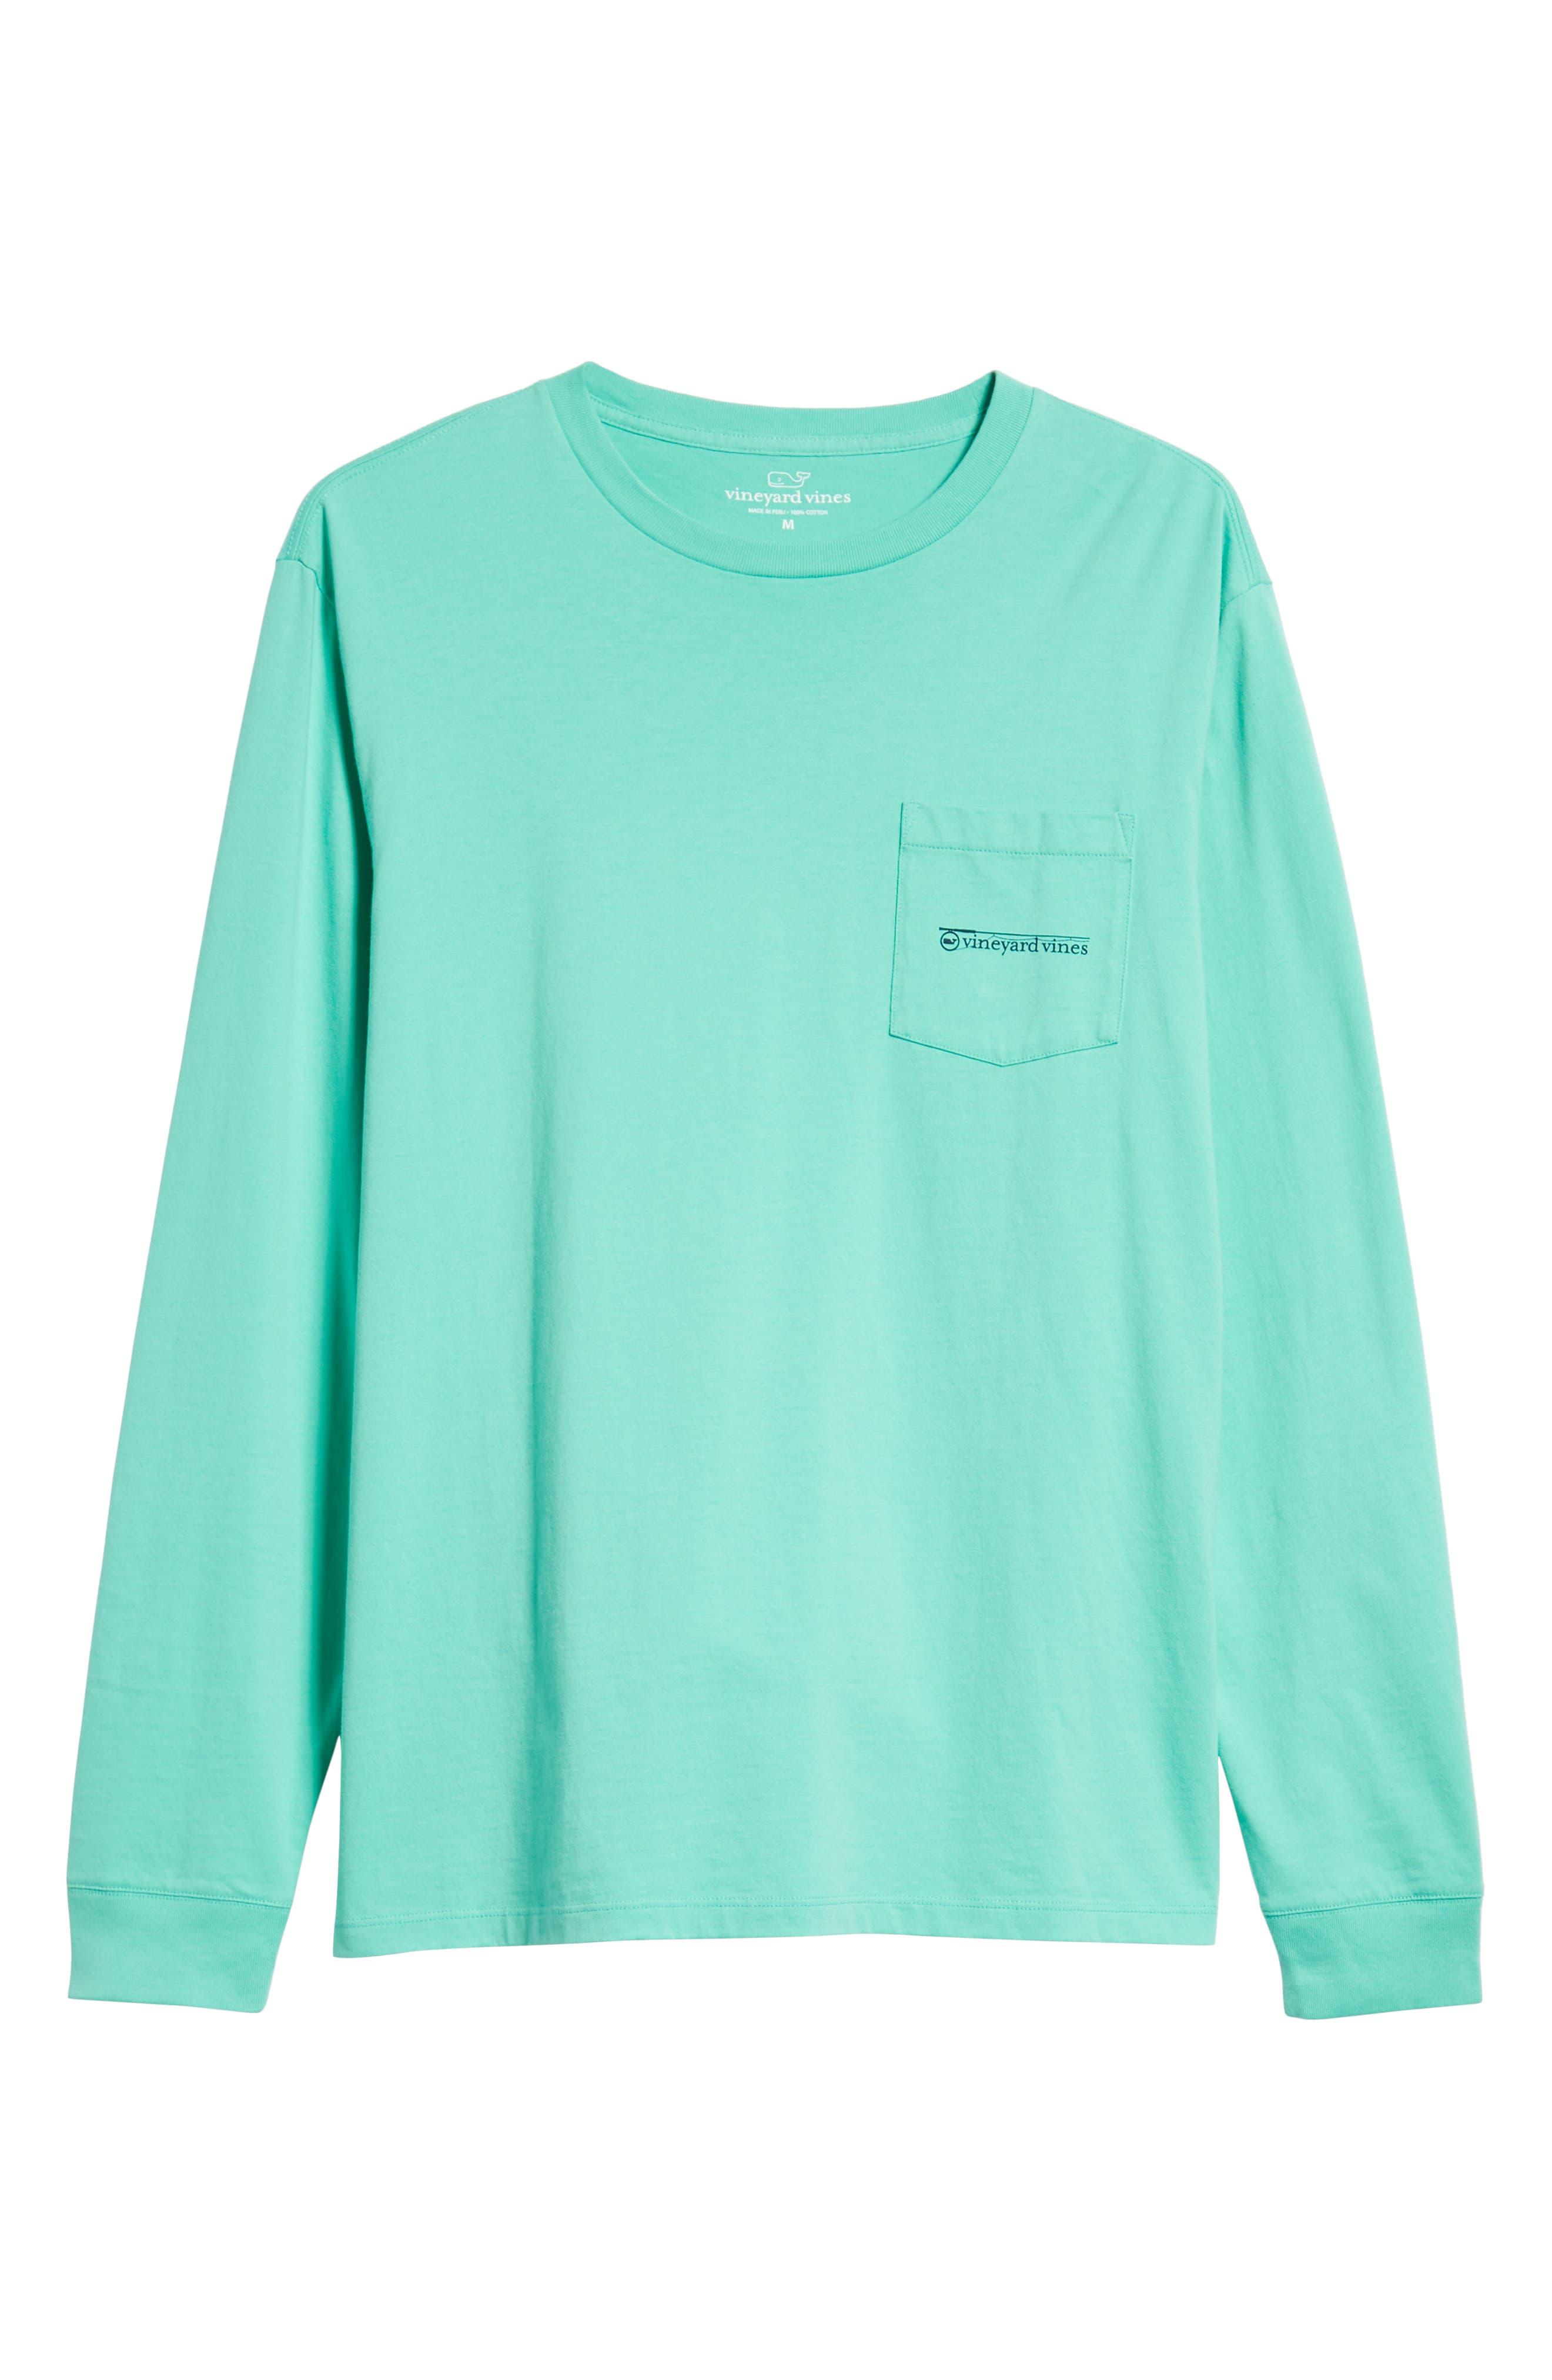 Fishing Rod Pocket T-Shirt,                             Alternate thumbnail 6, color,                             CAPRI BLUE